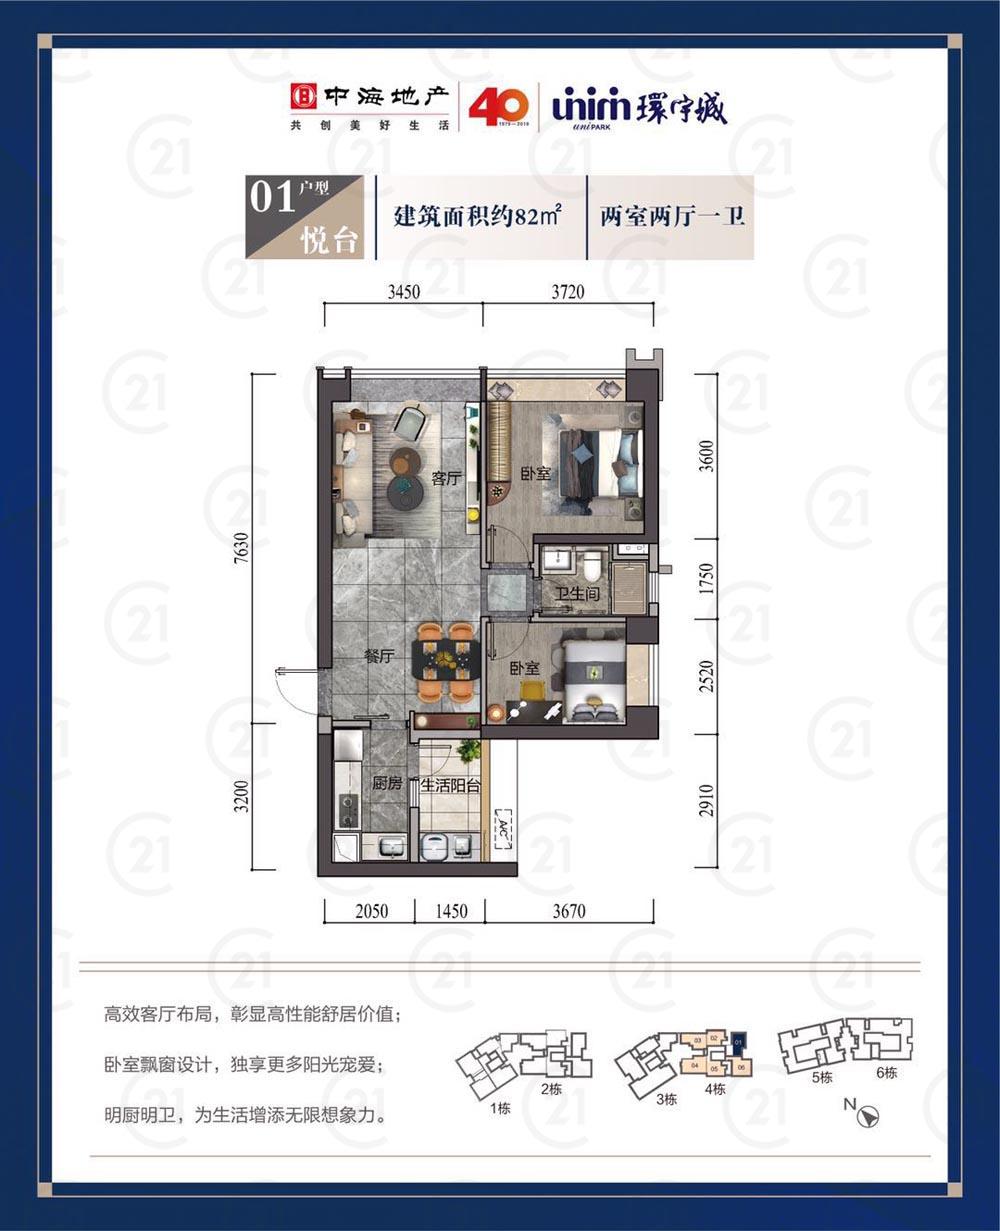 5中海环宇城-微信图片_20190603160602